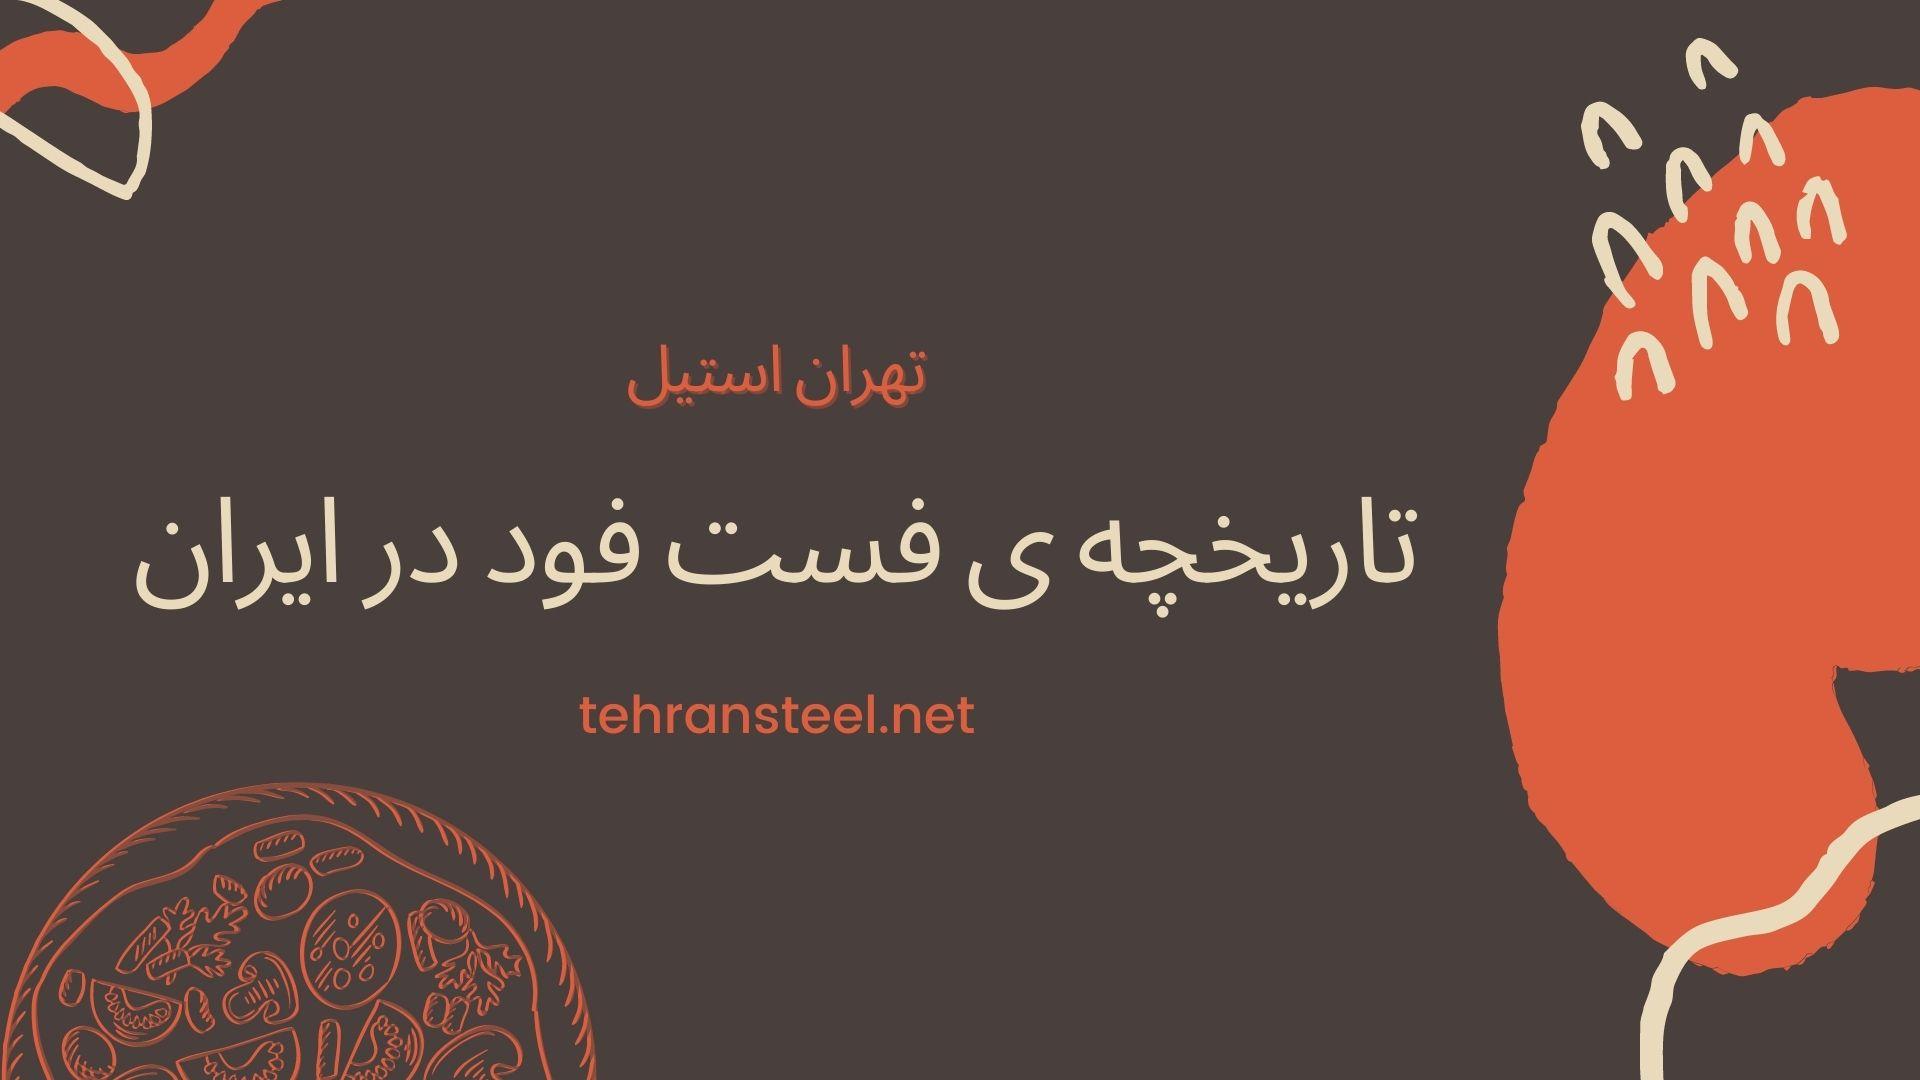 تاریخچه ی فست فود در ایران: